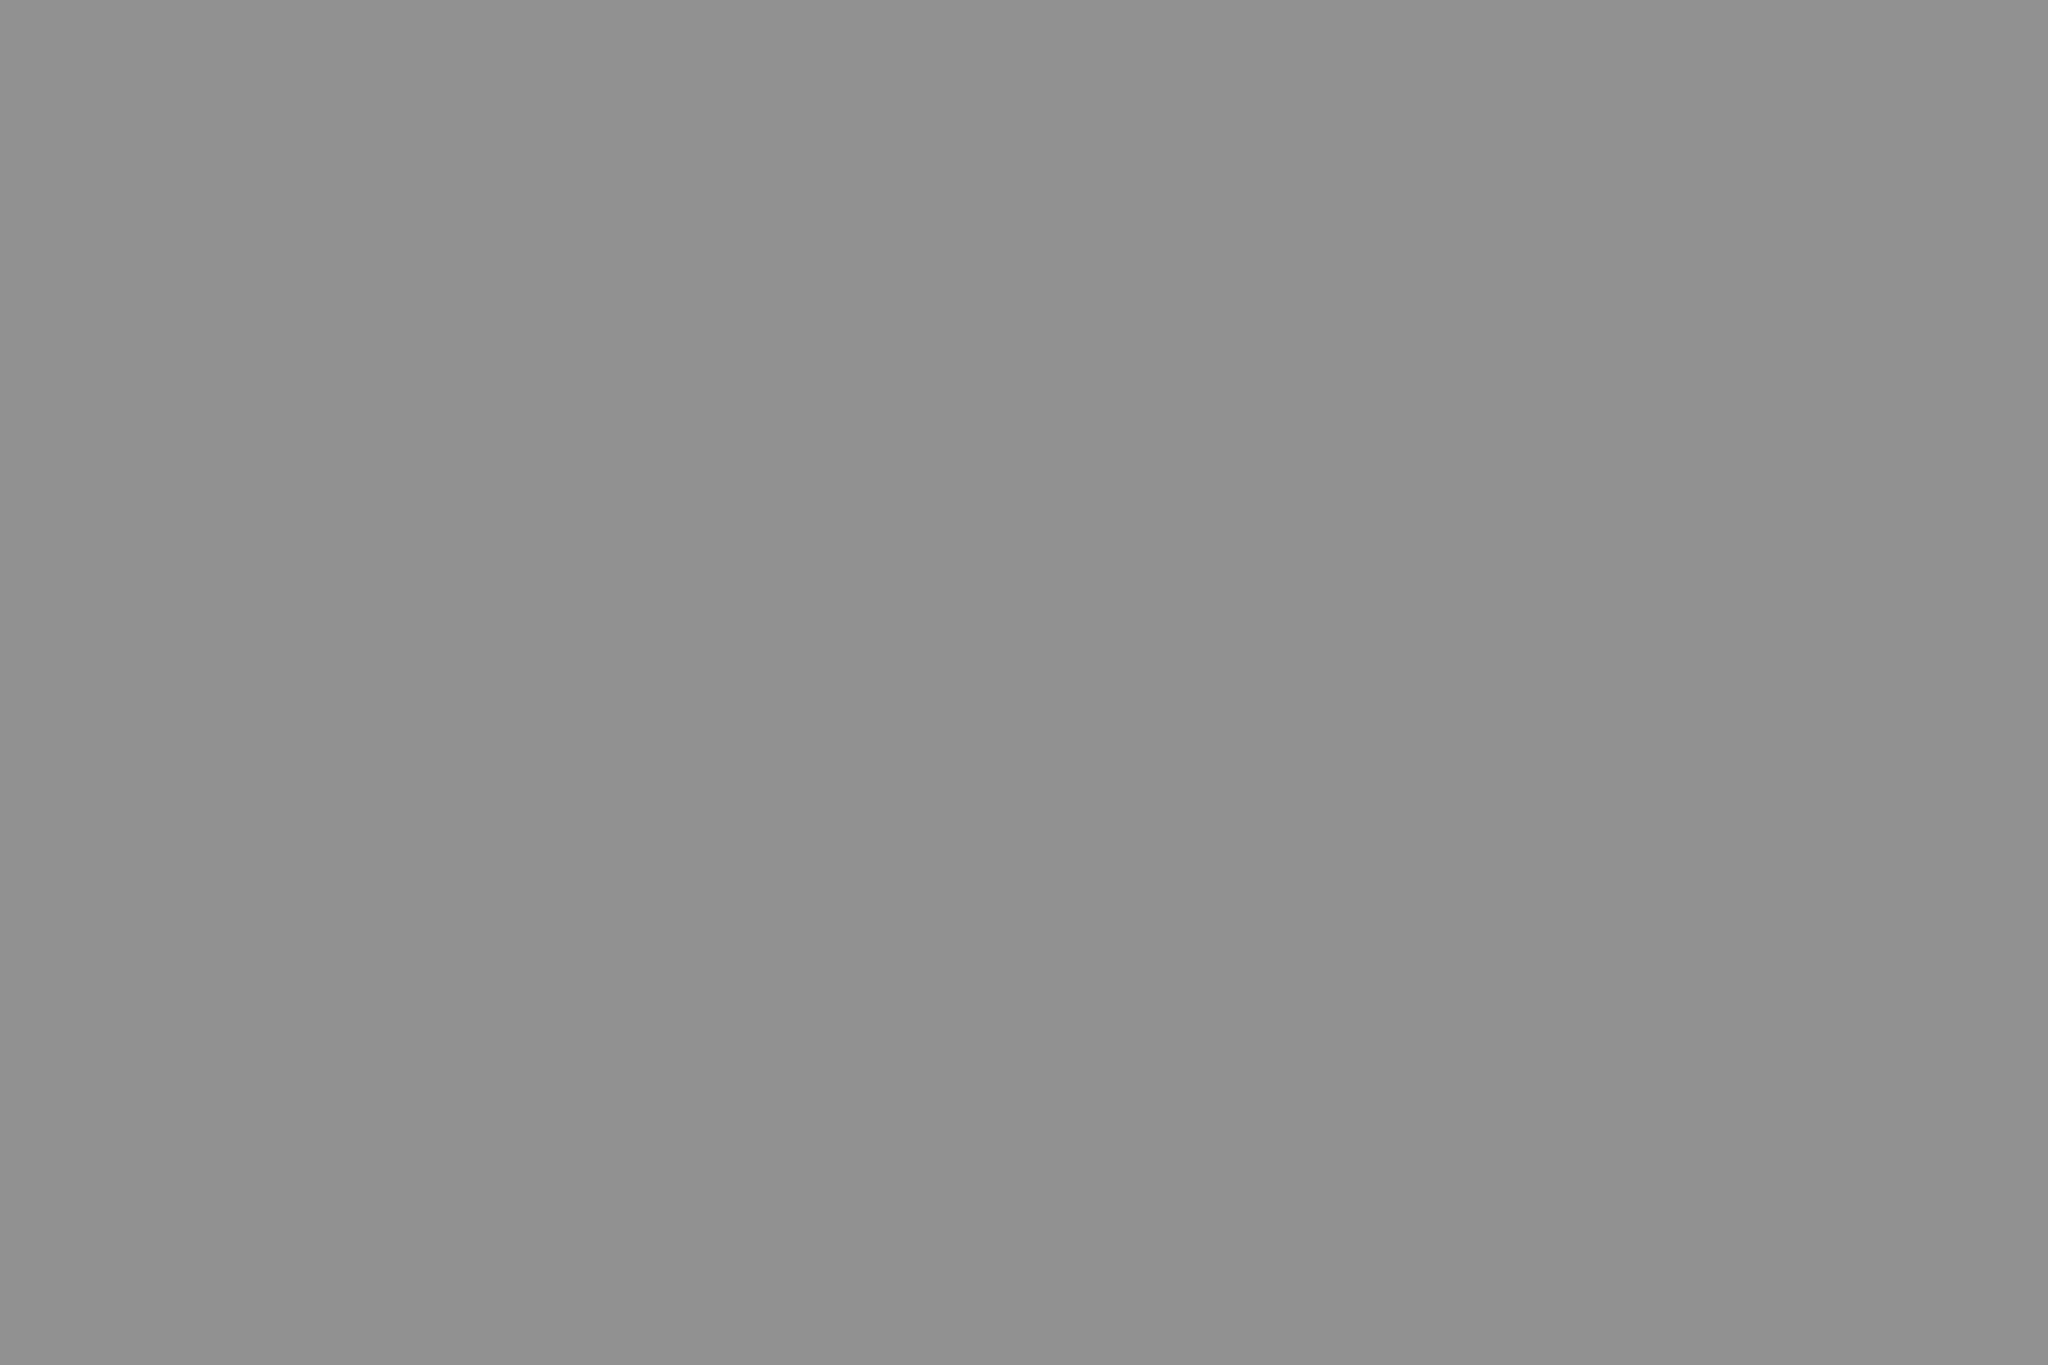 Meet Rochelle Metz - Your ninety character bio goes here in this space. Your ninety character bio goes here in this space.Your ninety character bio goes here in this space.Your ninety character bio goes here in this space.Your ninety character bio goes here in this space.Your ninety character bio goes here in this space.Your ninety character bio goes here in this space.Your ninety character bio goes here in this space.